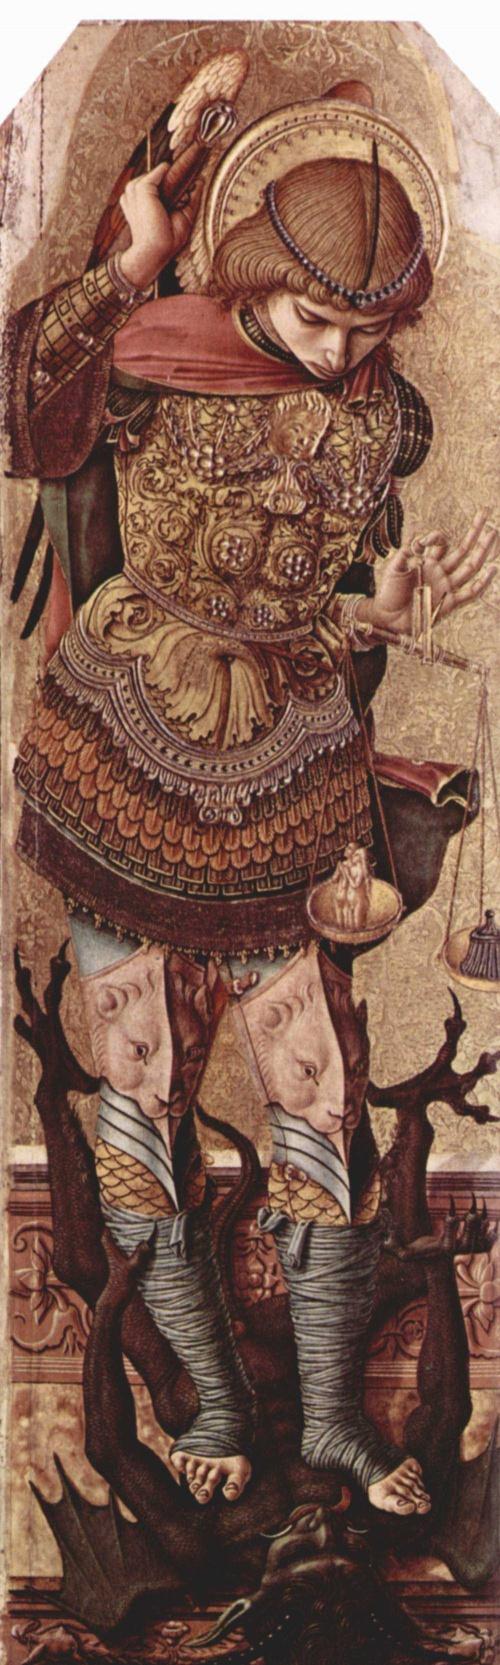 Карло Кривелли   XVe   Carlo Crivelli (184 работ)